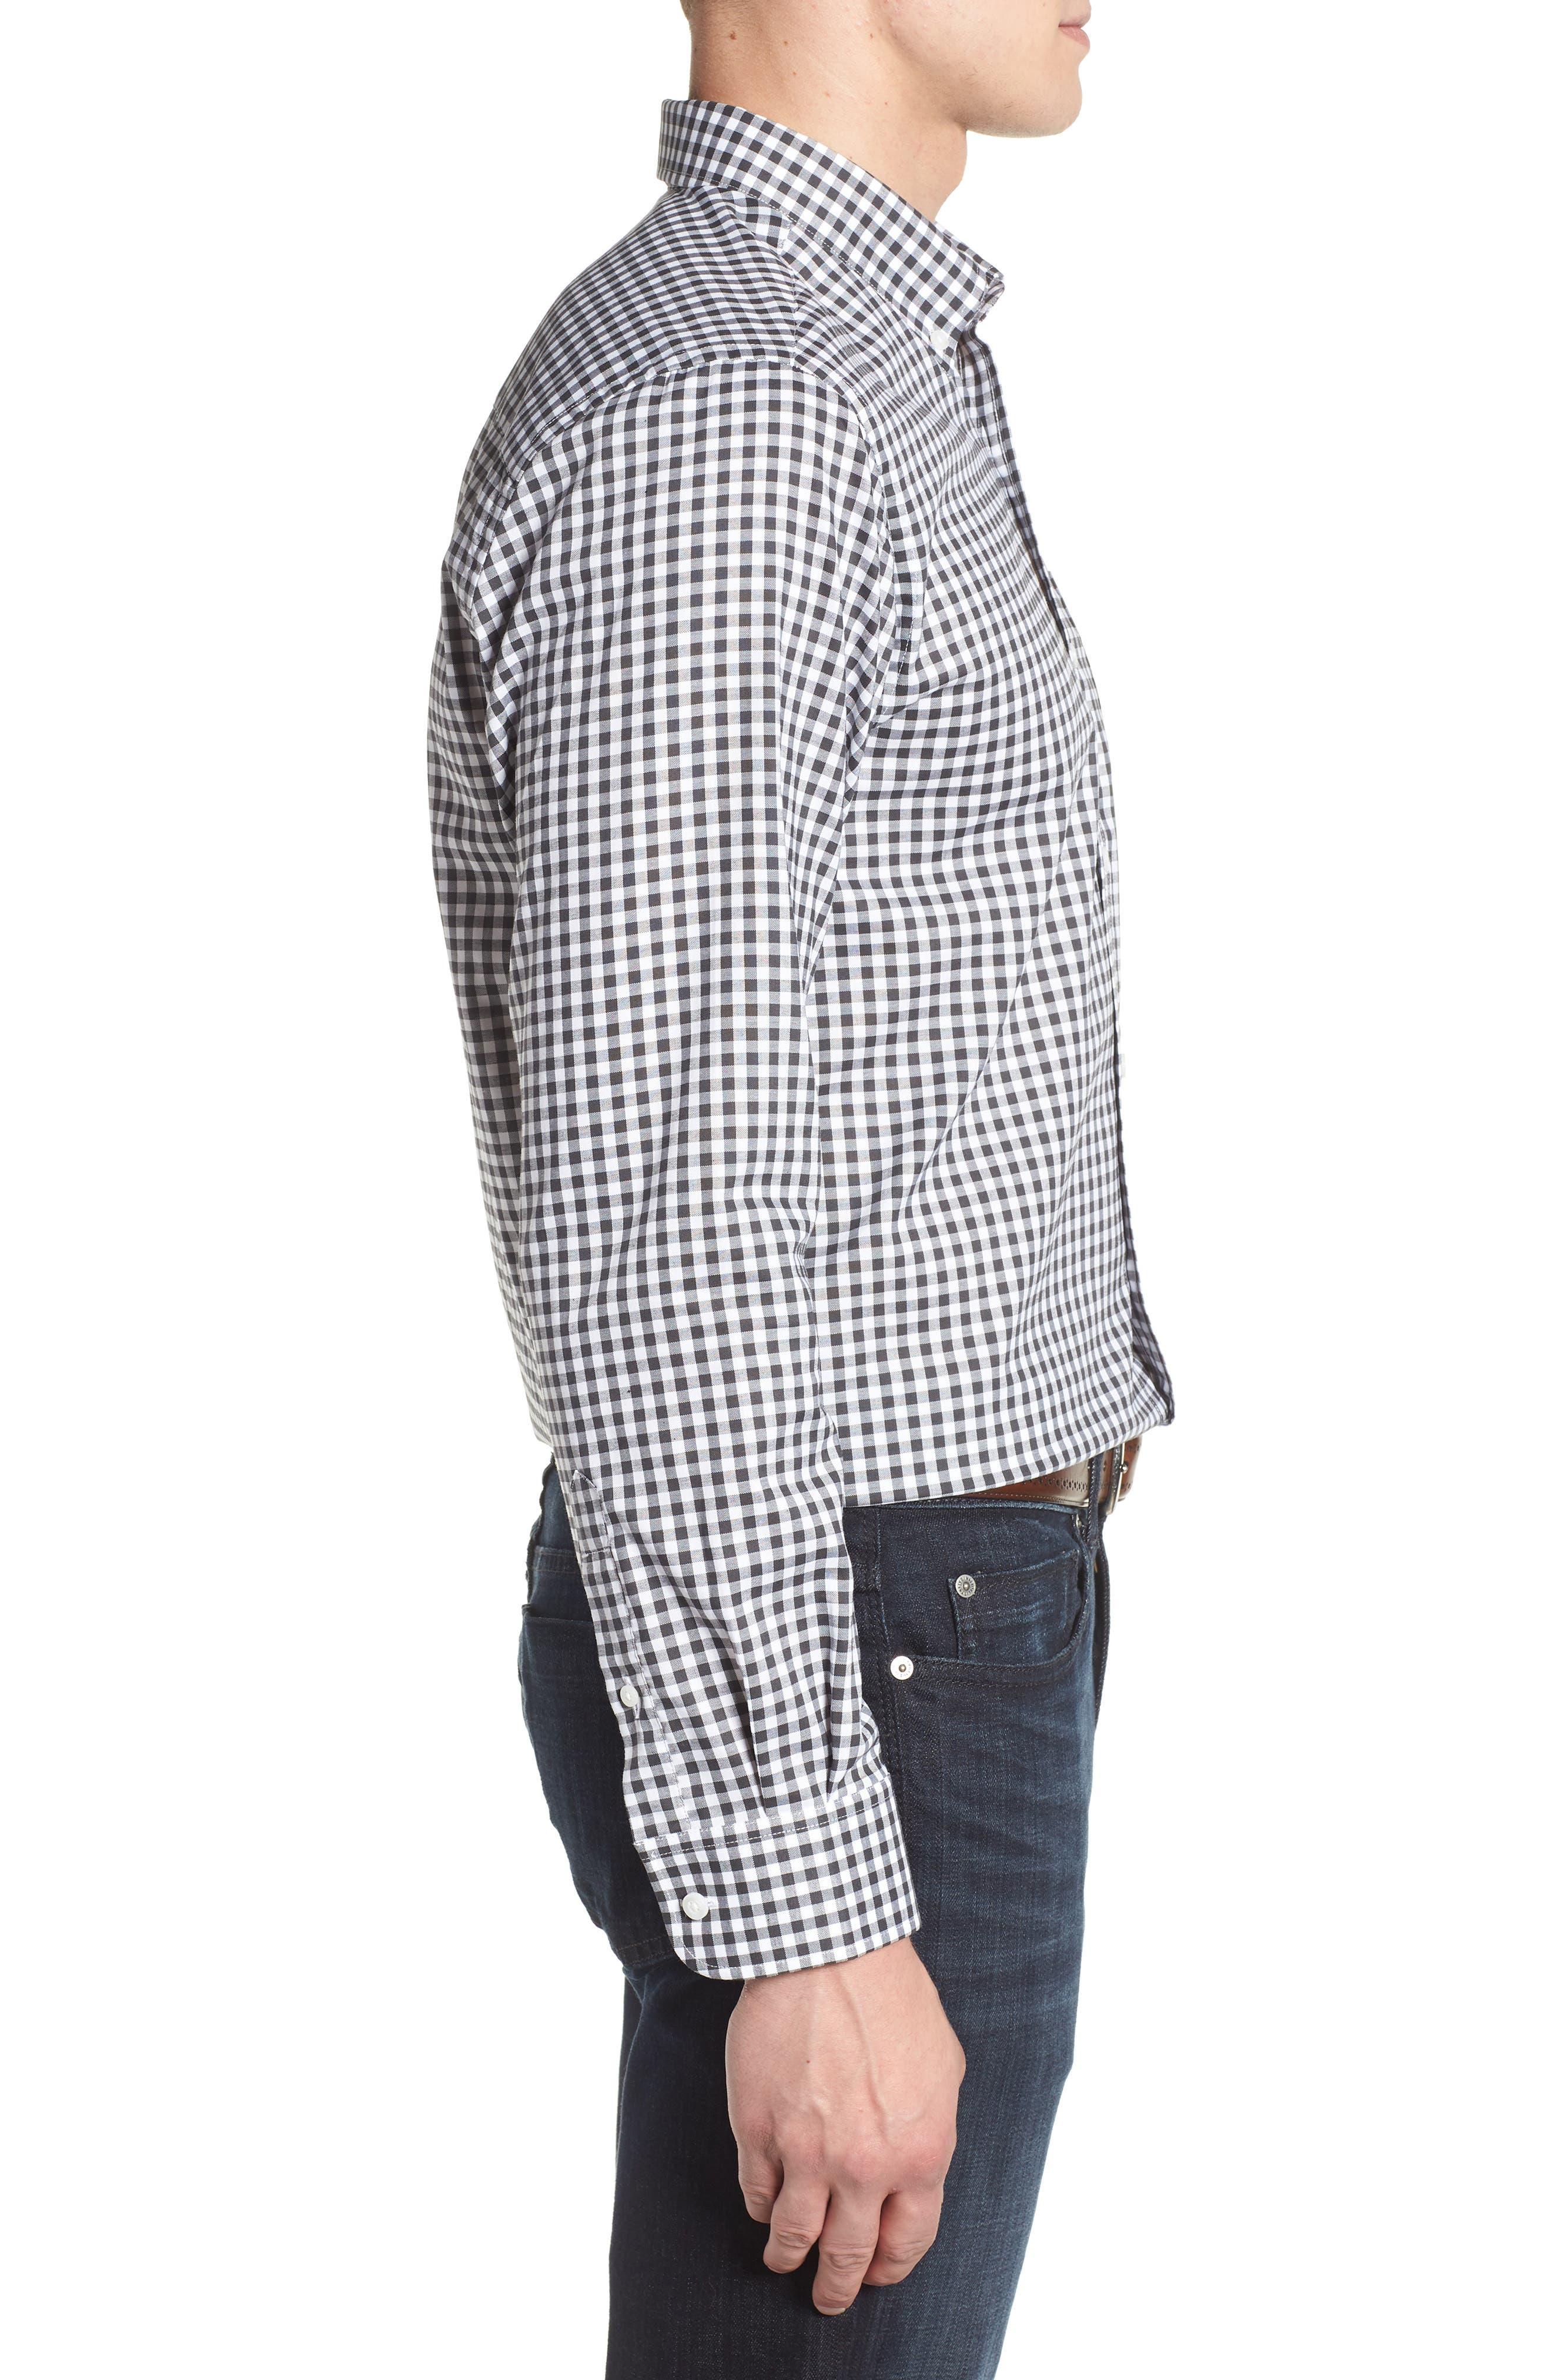 League New Orleans Saints Regular Fit Shirt,                             Alternate thumbnail 3, color,                             CHARCOAL